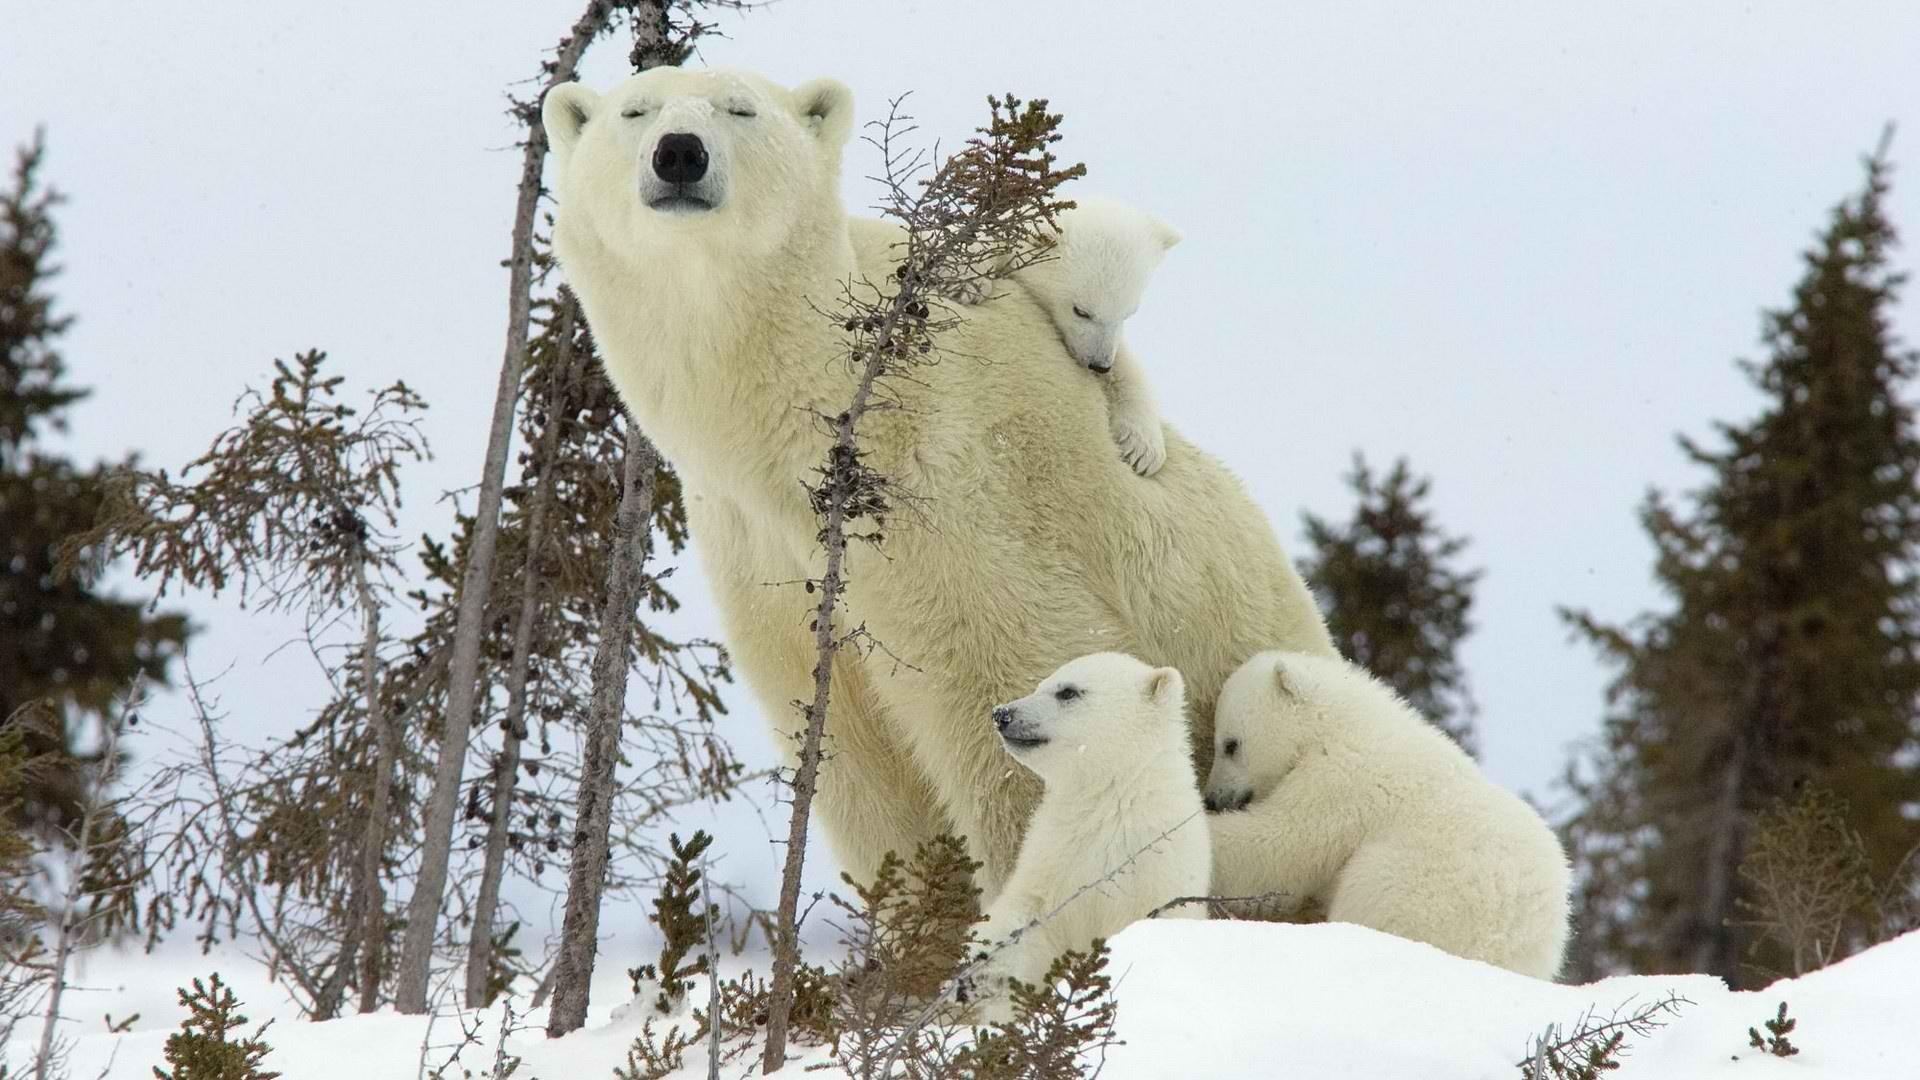 Картинка с белым медведем и медвежонком